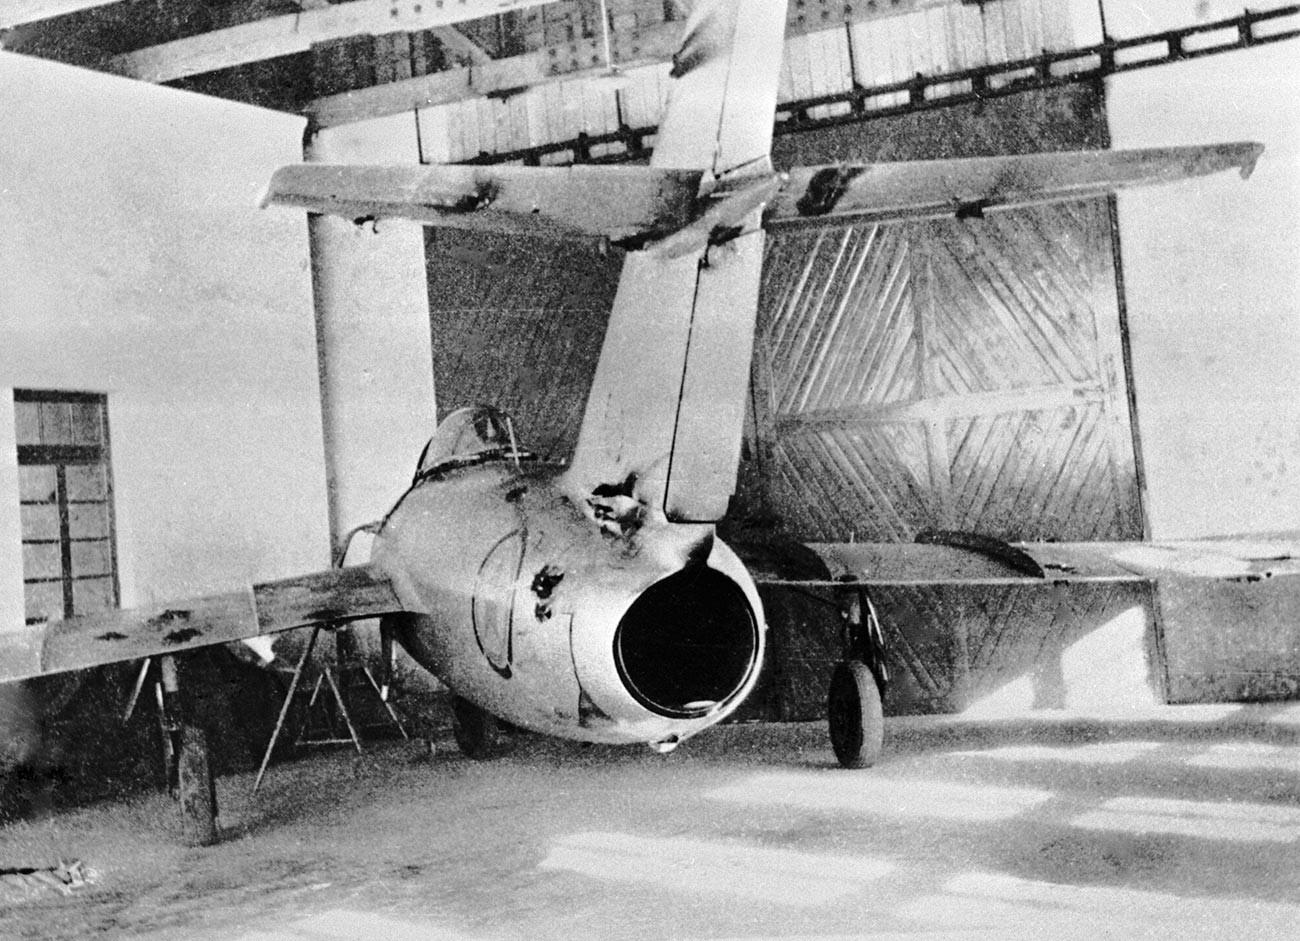 Sovjetski lovac MiG-15 s oštećenjima nakon zračne bitke za vrijeme rata u Koreji